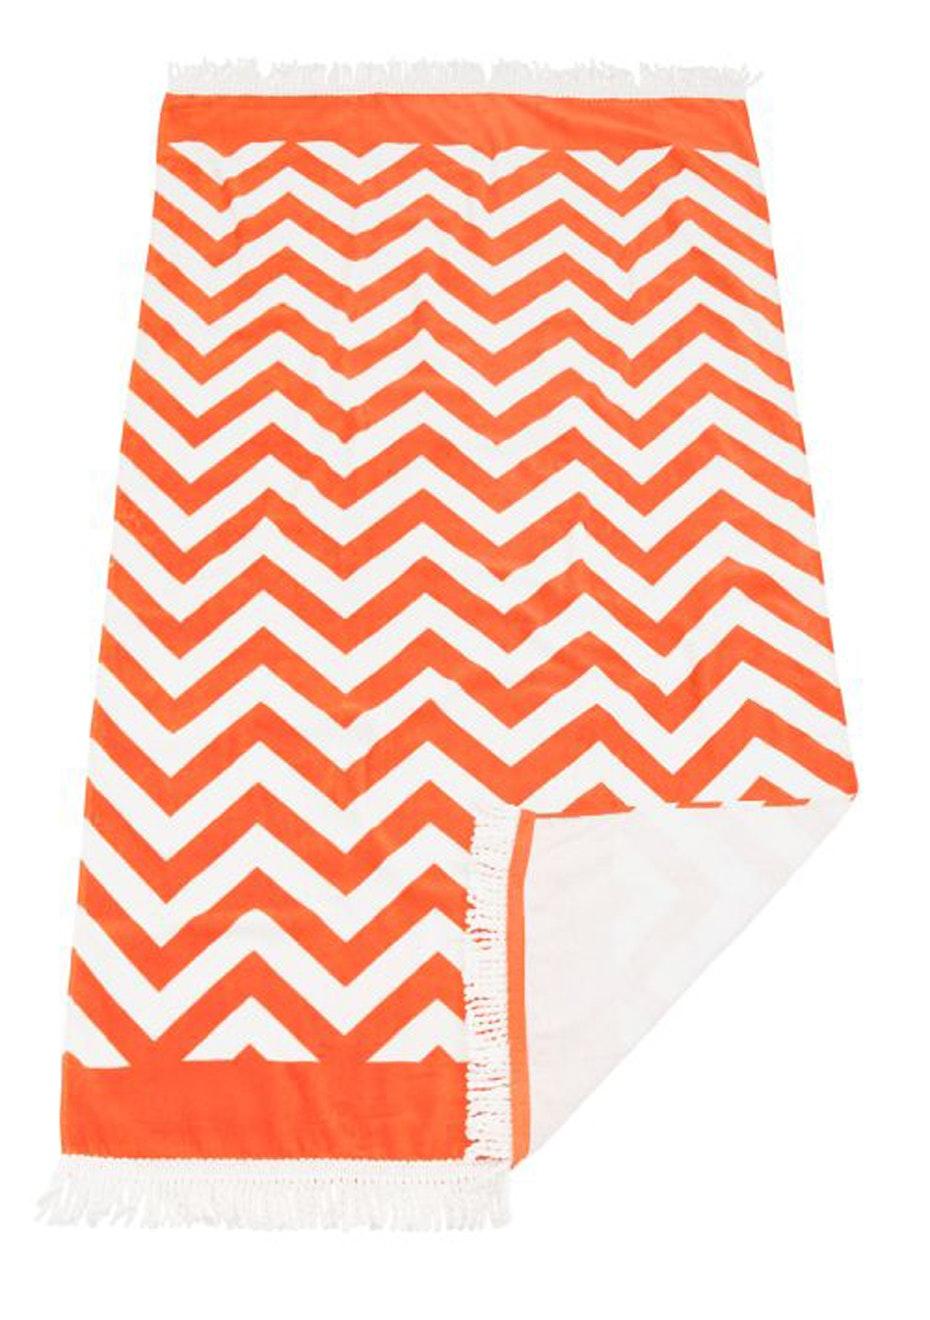 Zig Zag Beach Towel Orange With Fringe